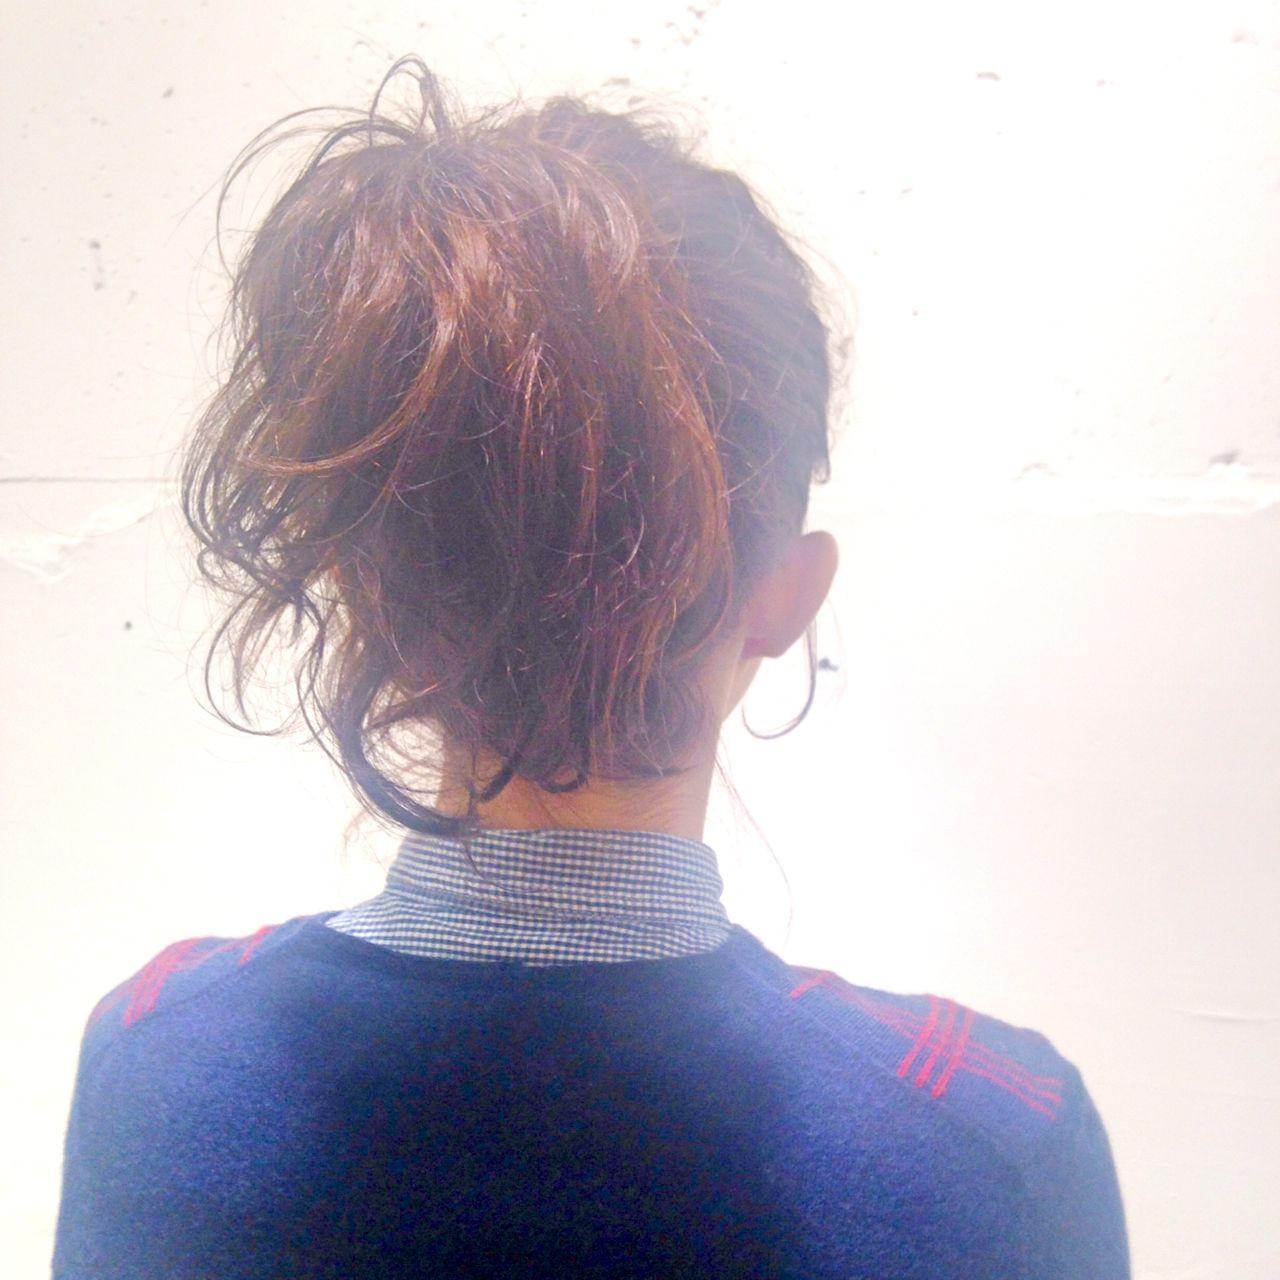 ナチュラル ポニーテール ミディアム ヘアアレンジ ヘアスタイルや髪型の写真・画像